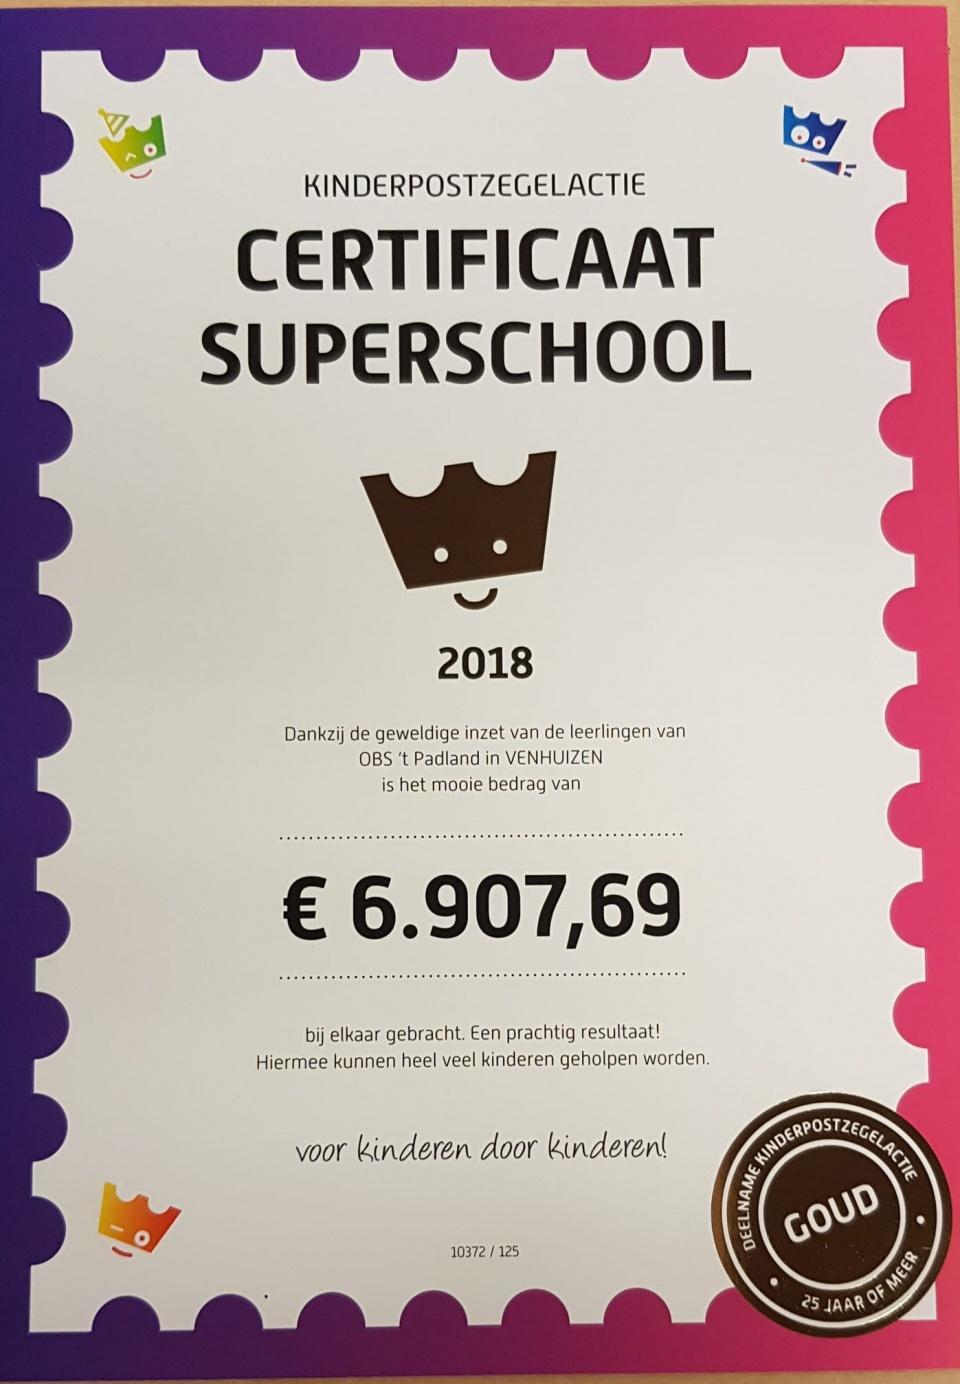 Opnieuw iets om zo trots op te zijn. Het certificaat van de Kinderpostzegelactie waarop u het schoolresultaat kunt lezen van de laatste keer en het feit dat wij 'gouden deelnemers' zijn omdat wij al langer dan 25 jaar mee doen. Trots op onze leerlingen, oud-leerlingen, alle ouders en buurtbewoners.